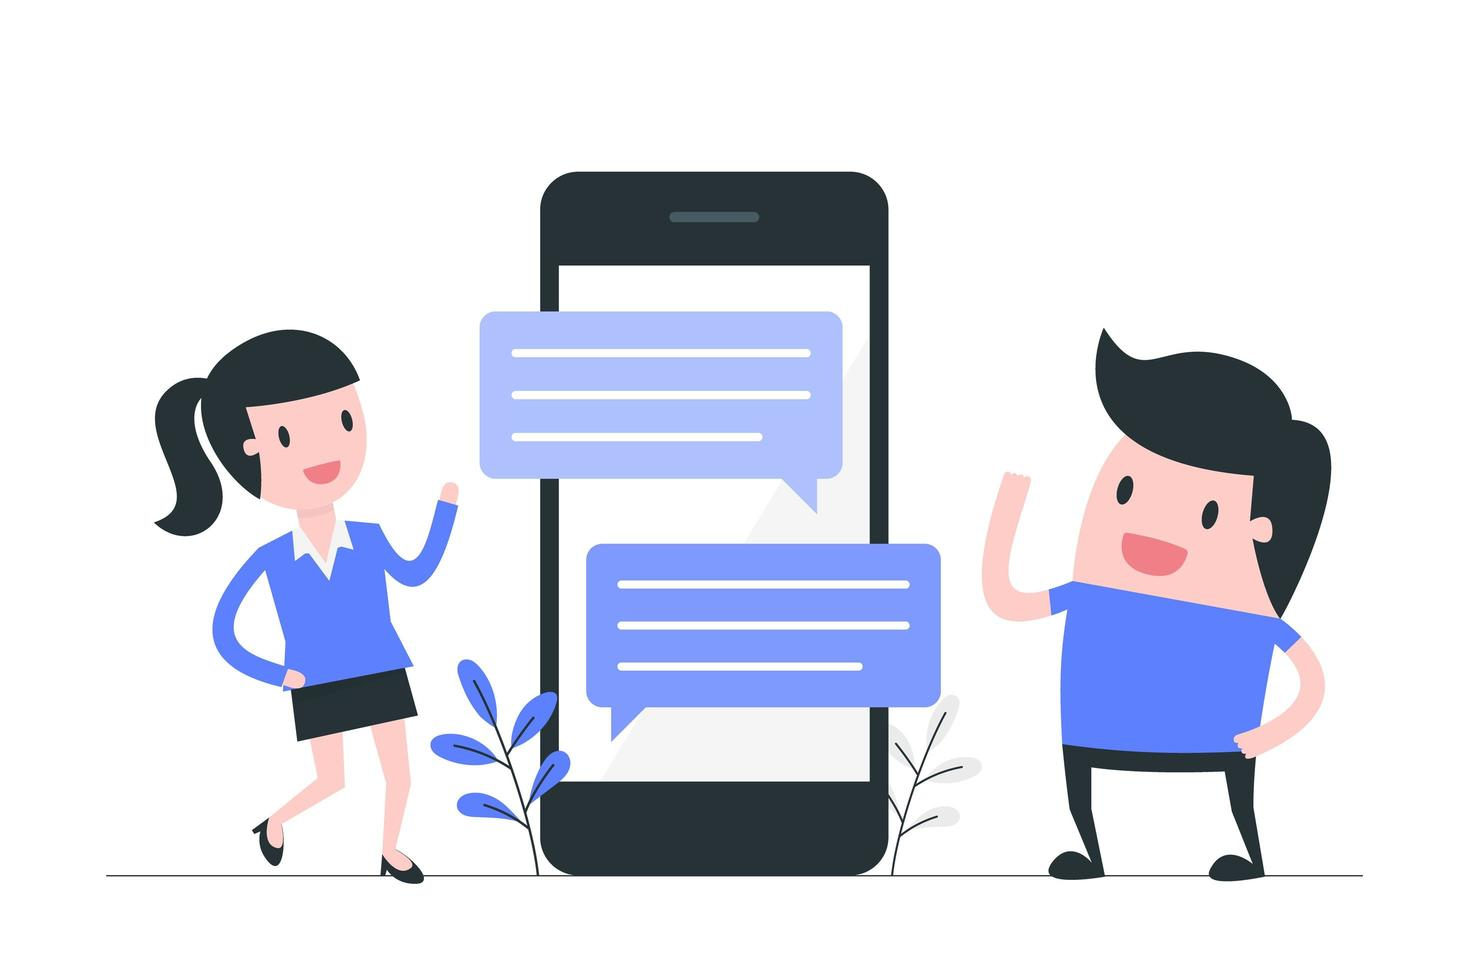 Social Media SMS-Kommunikation vektor